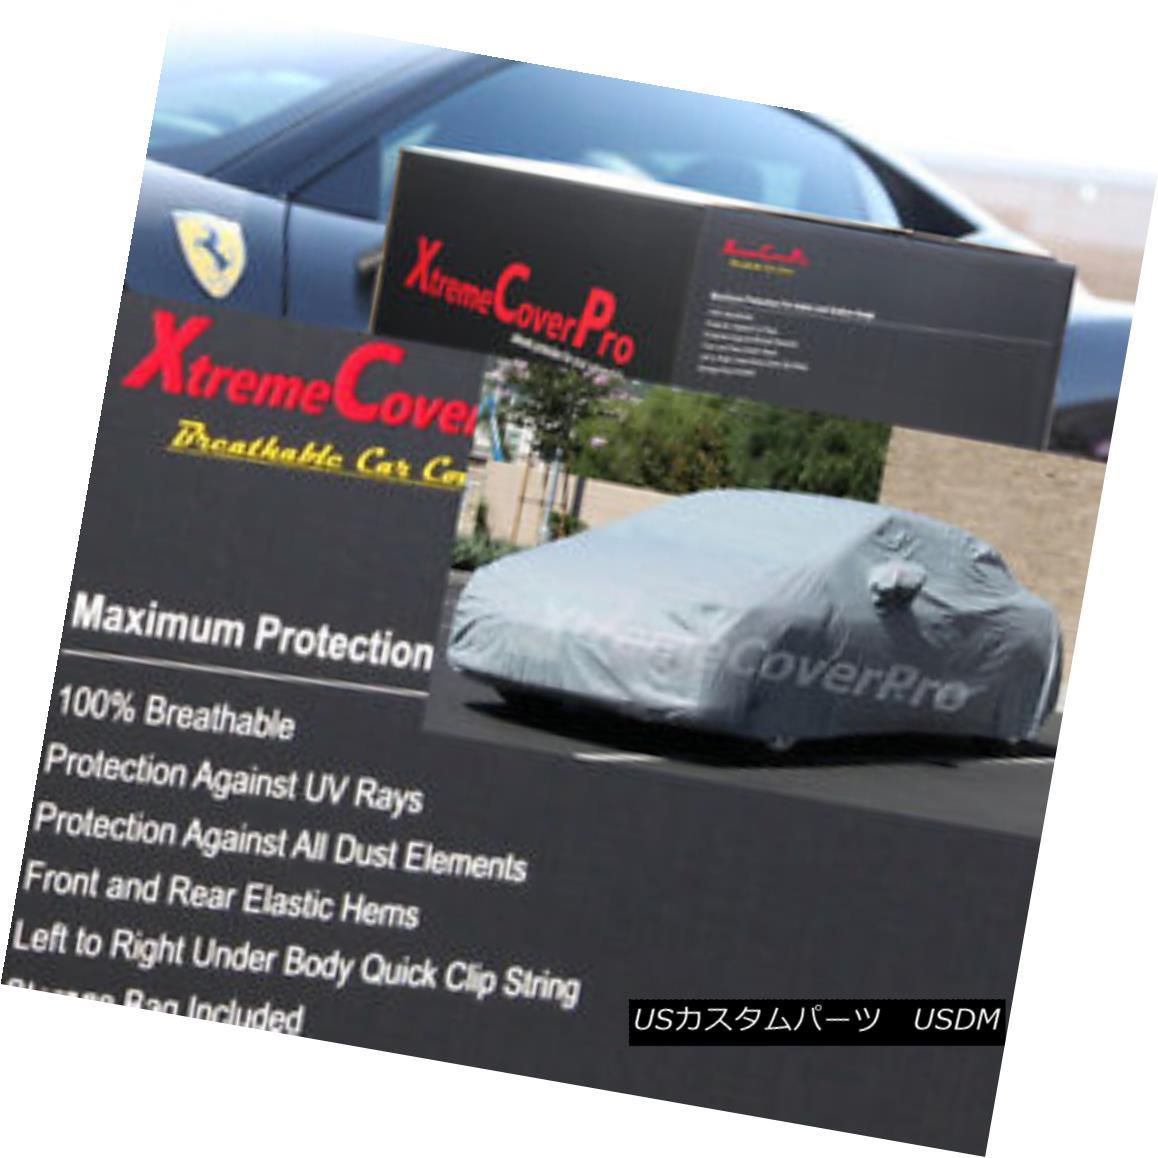 カーカバー 2007 2008 2009 Mazda Mazda3 4-Door Breathable Car Cover w/MirrorPocket 2007年のマツダマツダ3 4ドア通気性の車カバー(MirrorPocket付き)